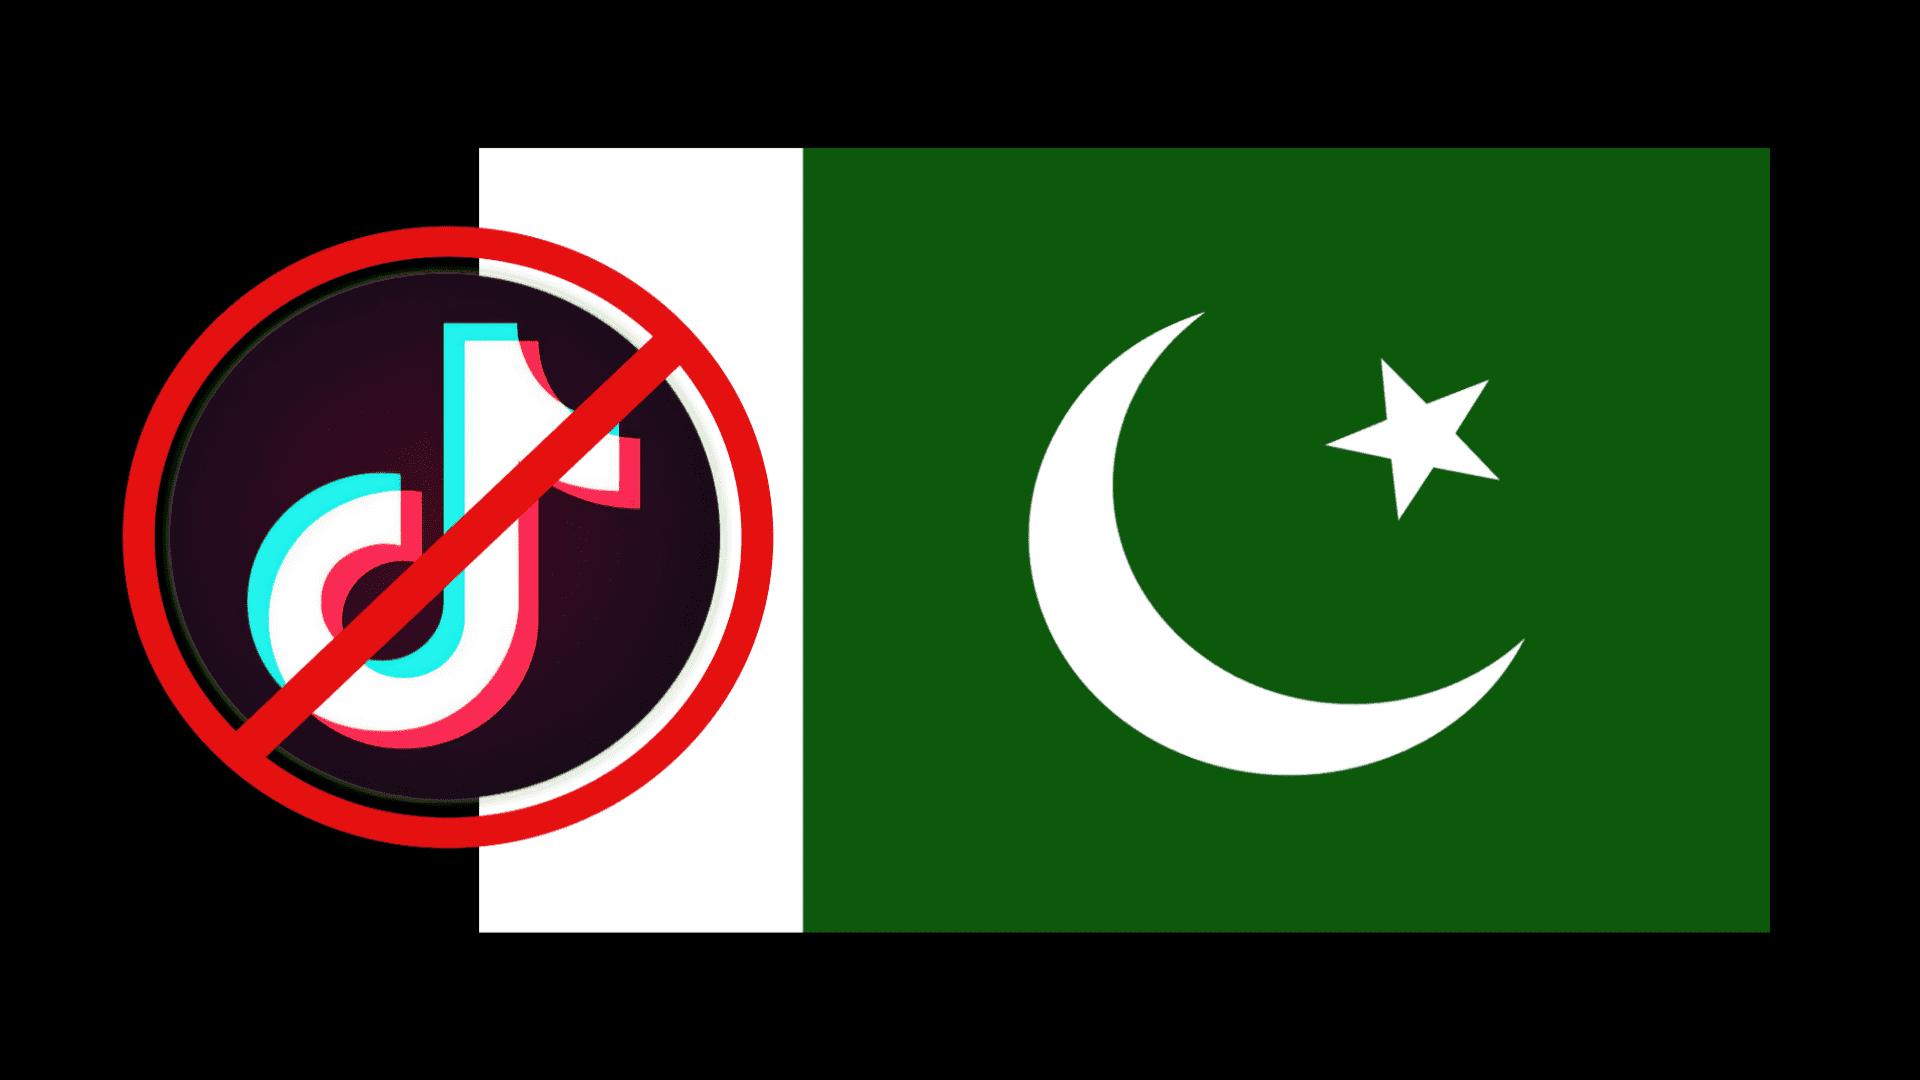 حظر TikTok في باكستان والسبب الفيديوهات البذيئة والفاحشة